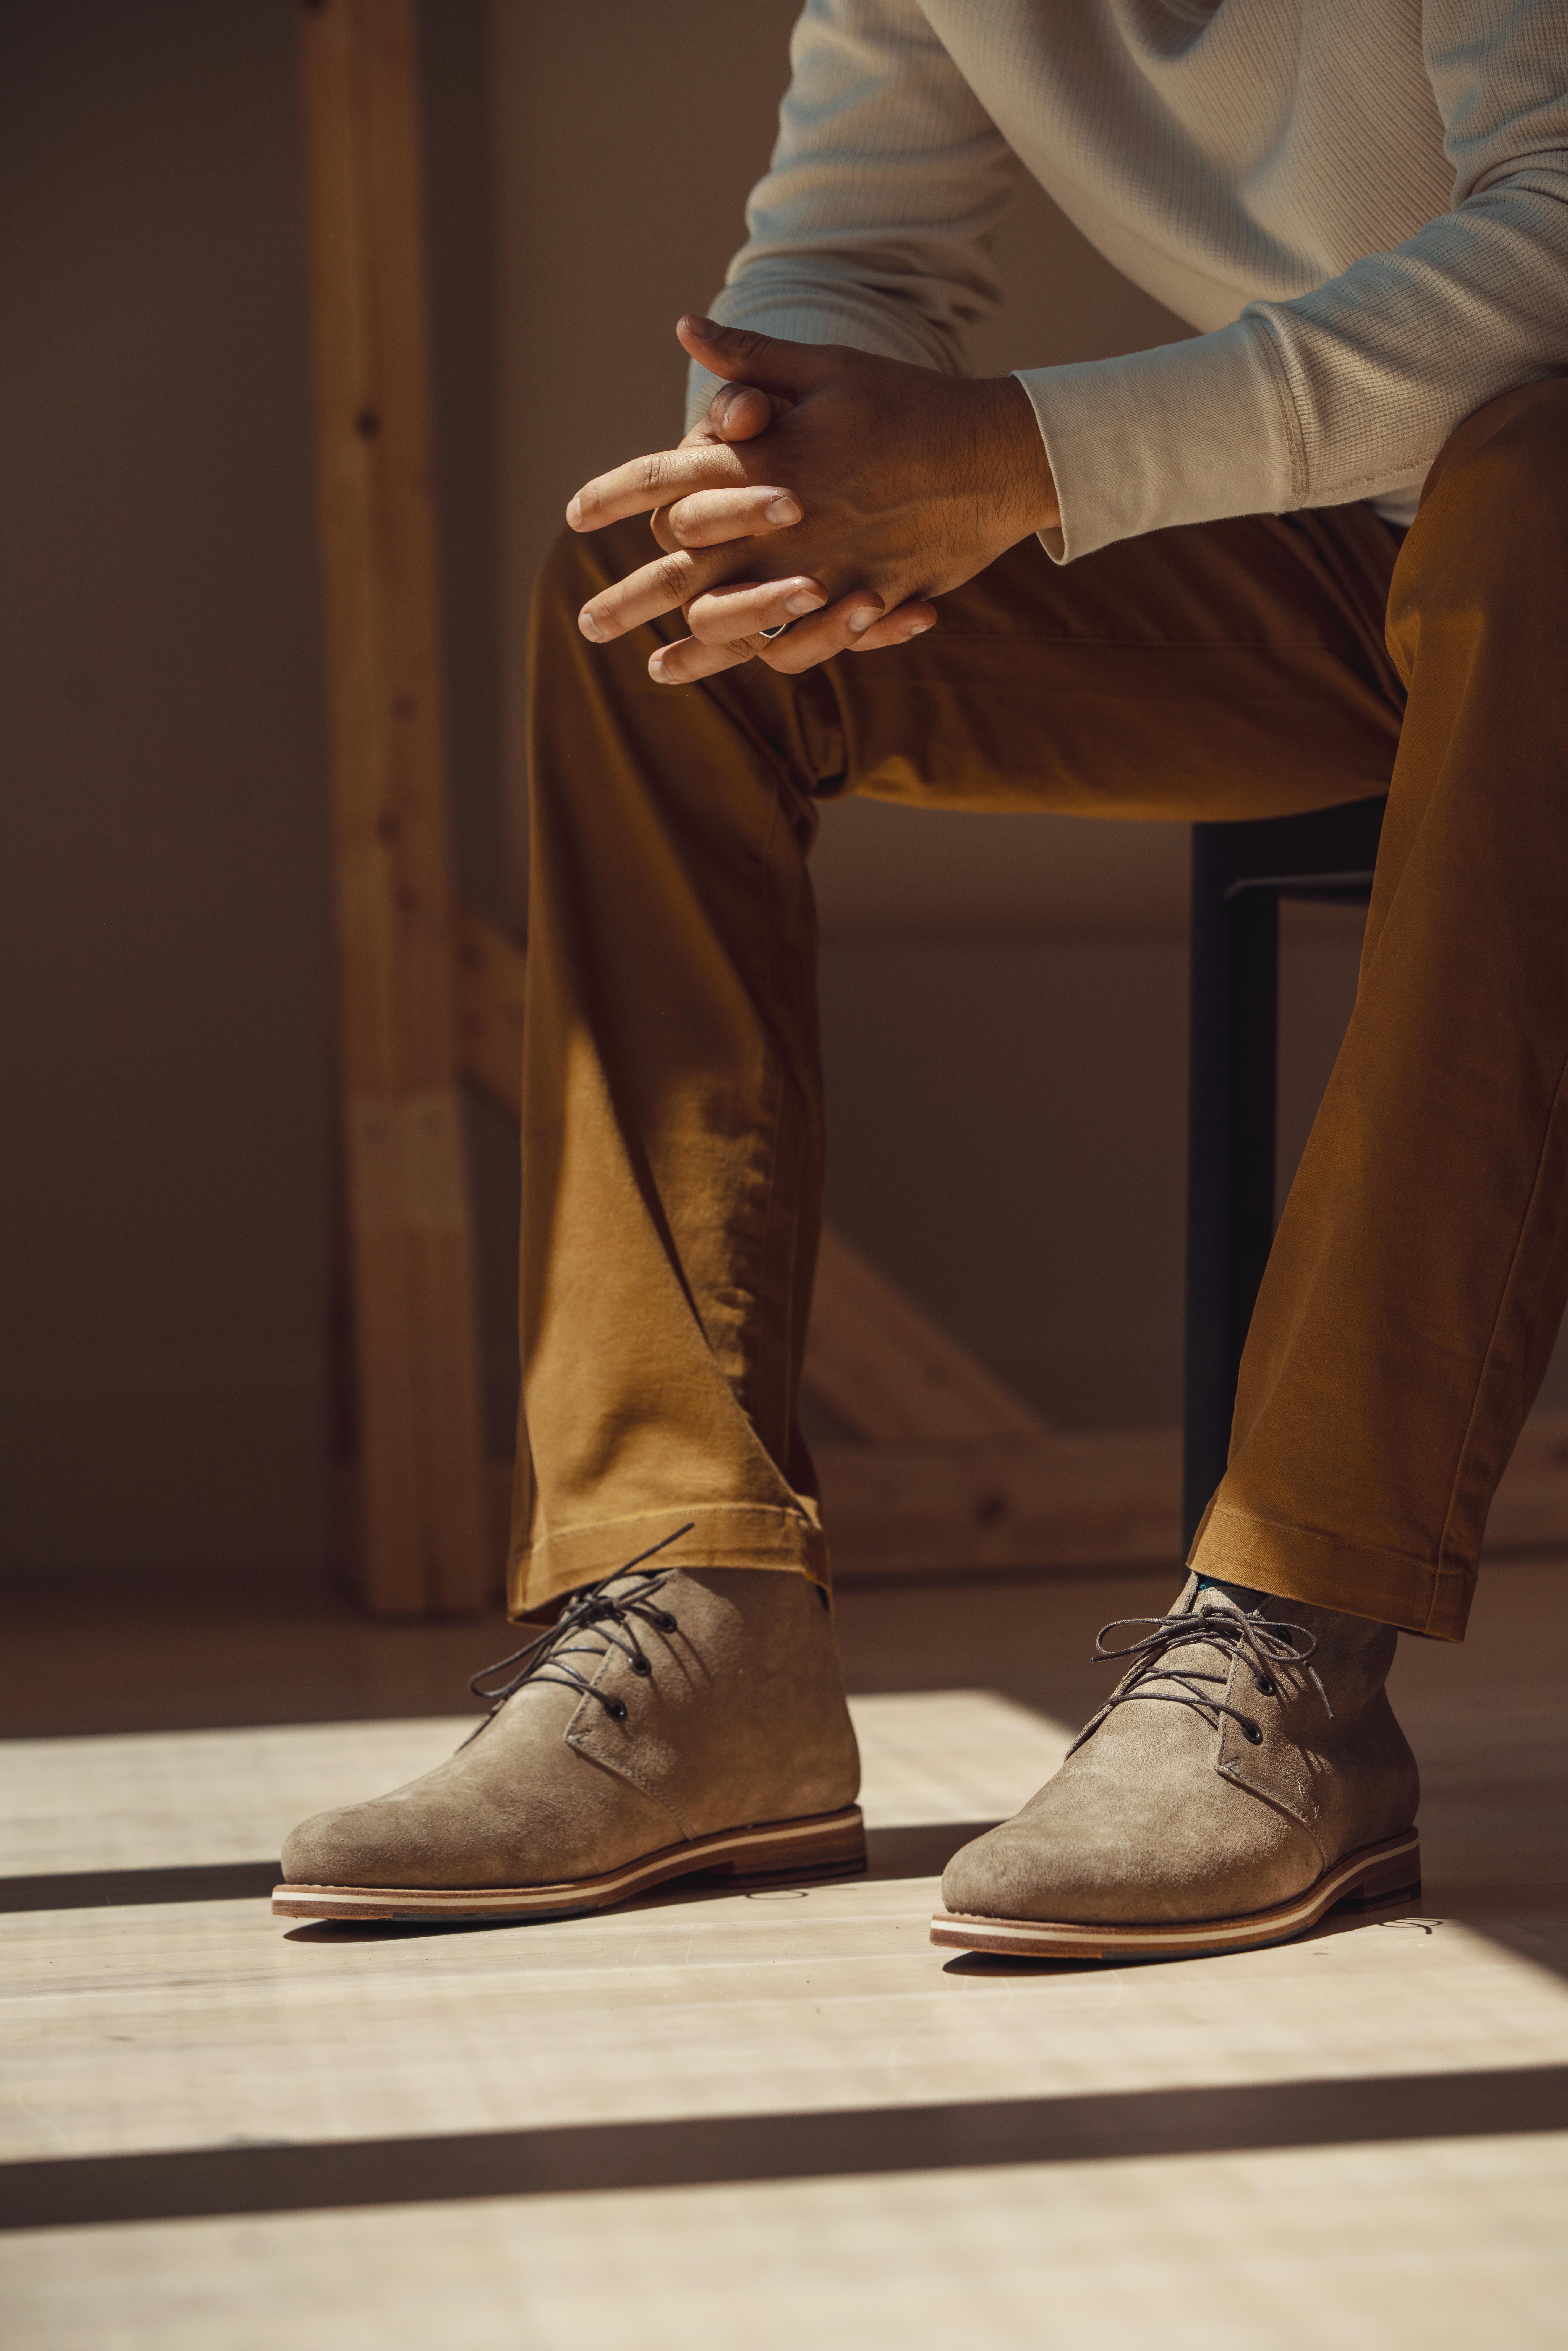 Declan Tan being worn